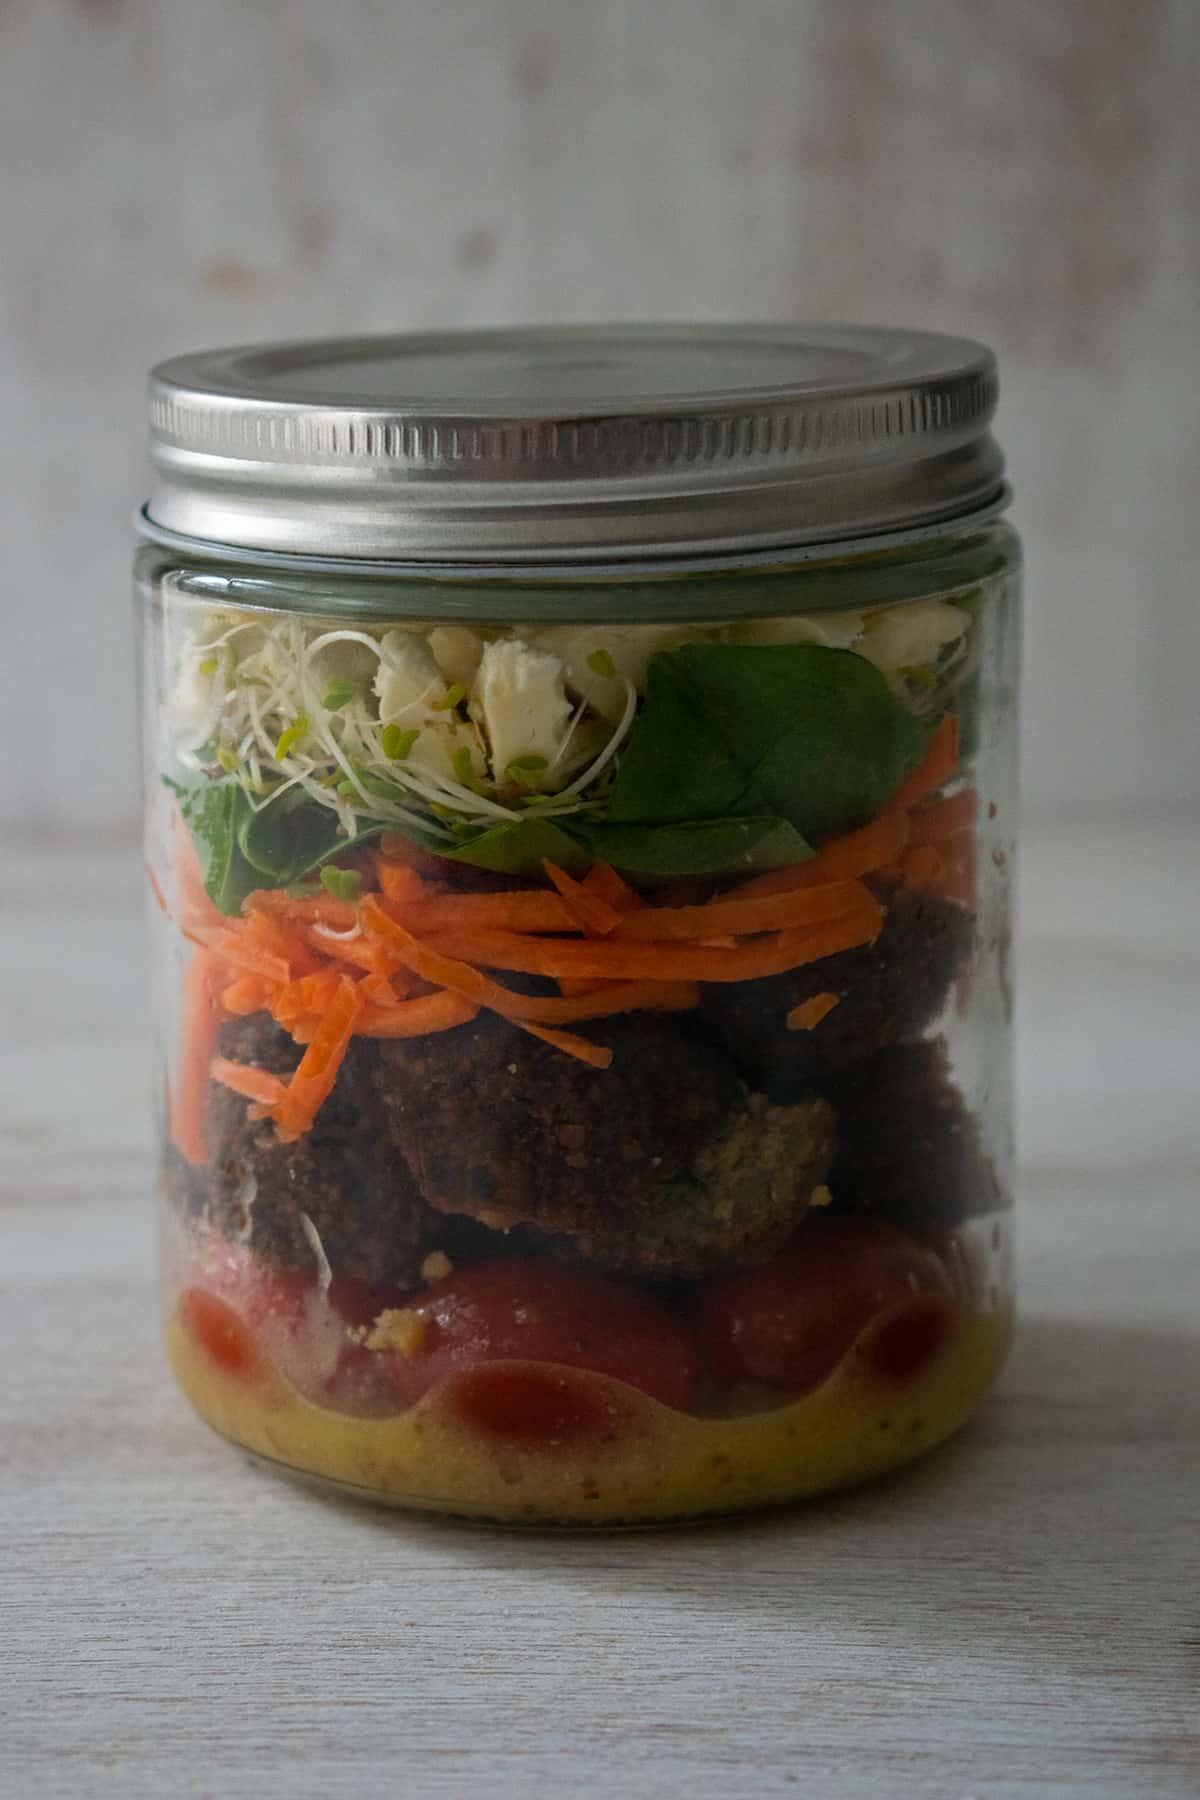 ensalada de falafels en un frasco de vidrio